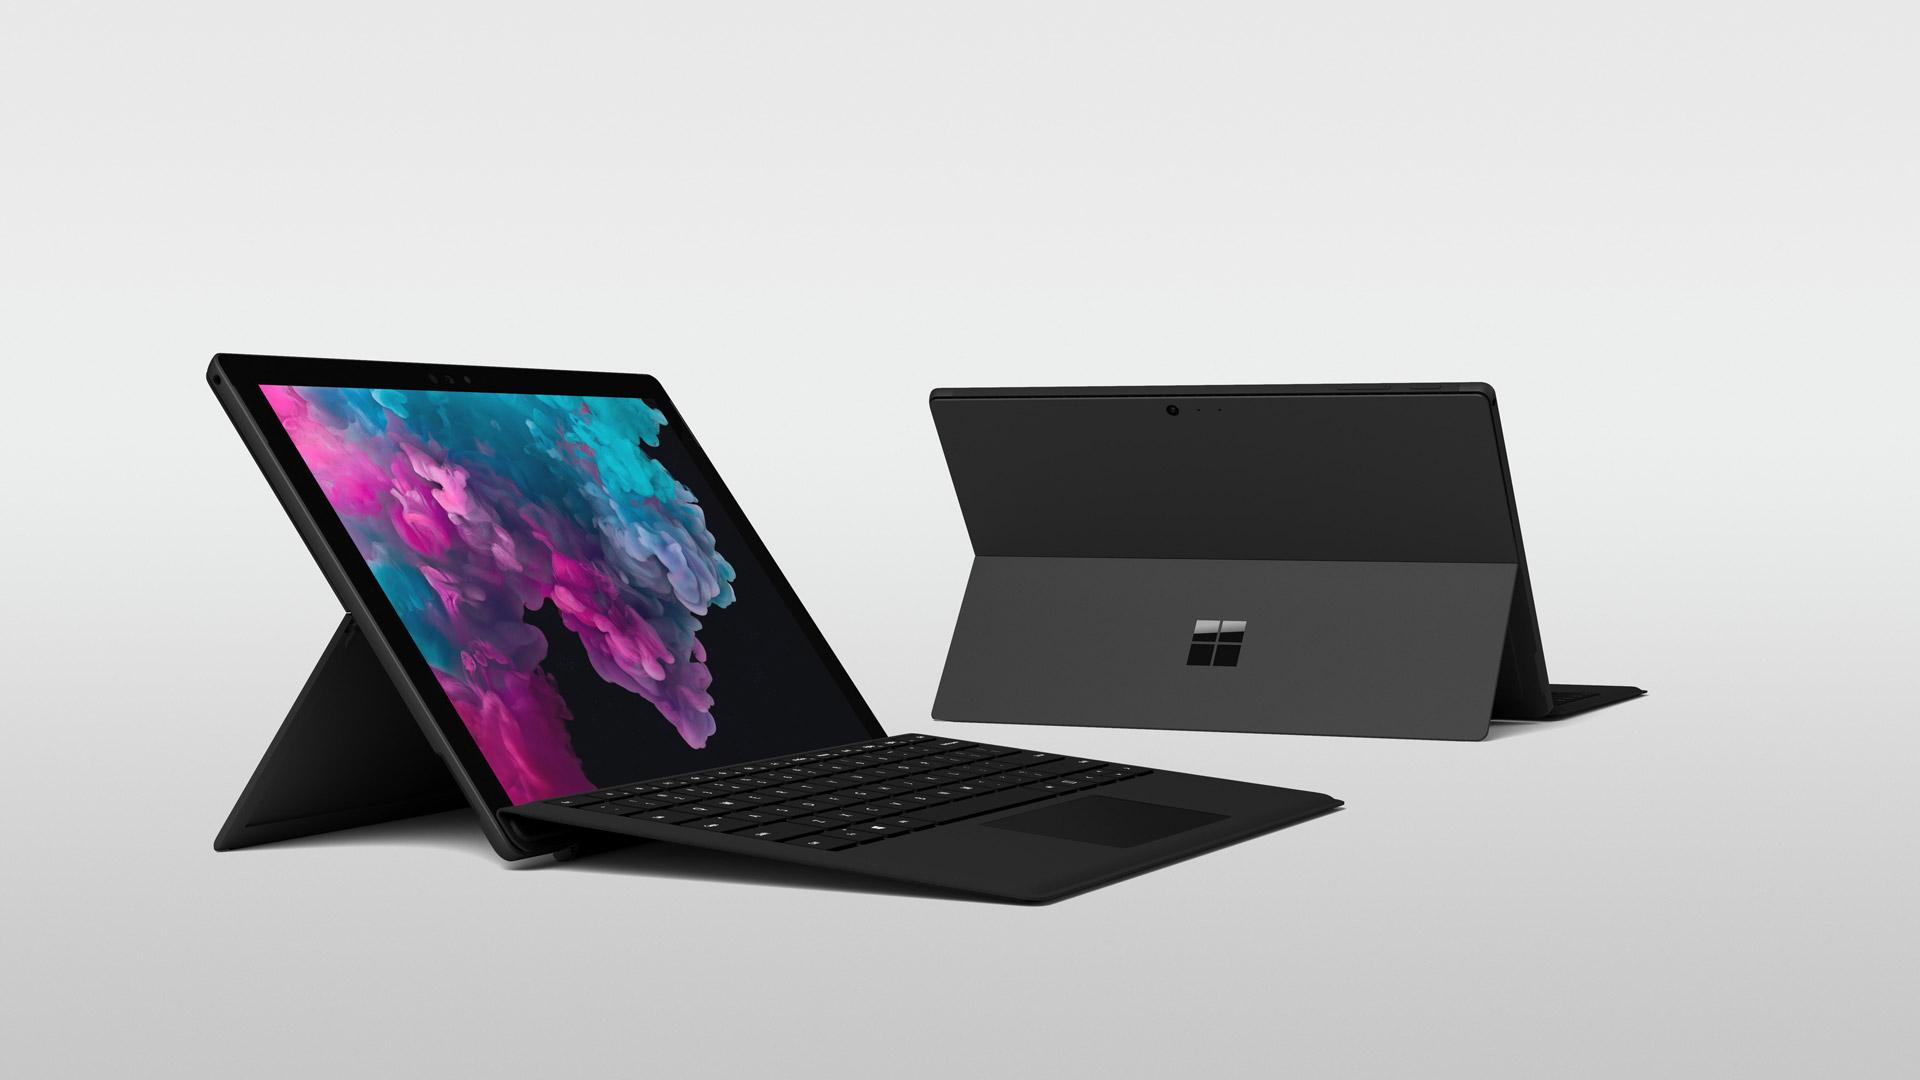 e2b4a343b6fef Le prix de départ pour la Microsoft Surface Pro 6 commence à 1 069 euros  pour le modèle Intel Core i5   8 Go   128 Go de stockage